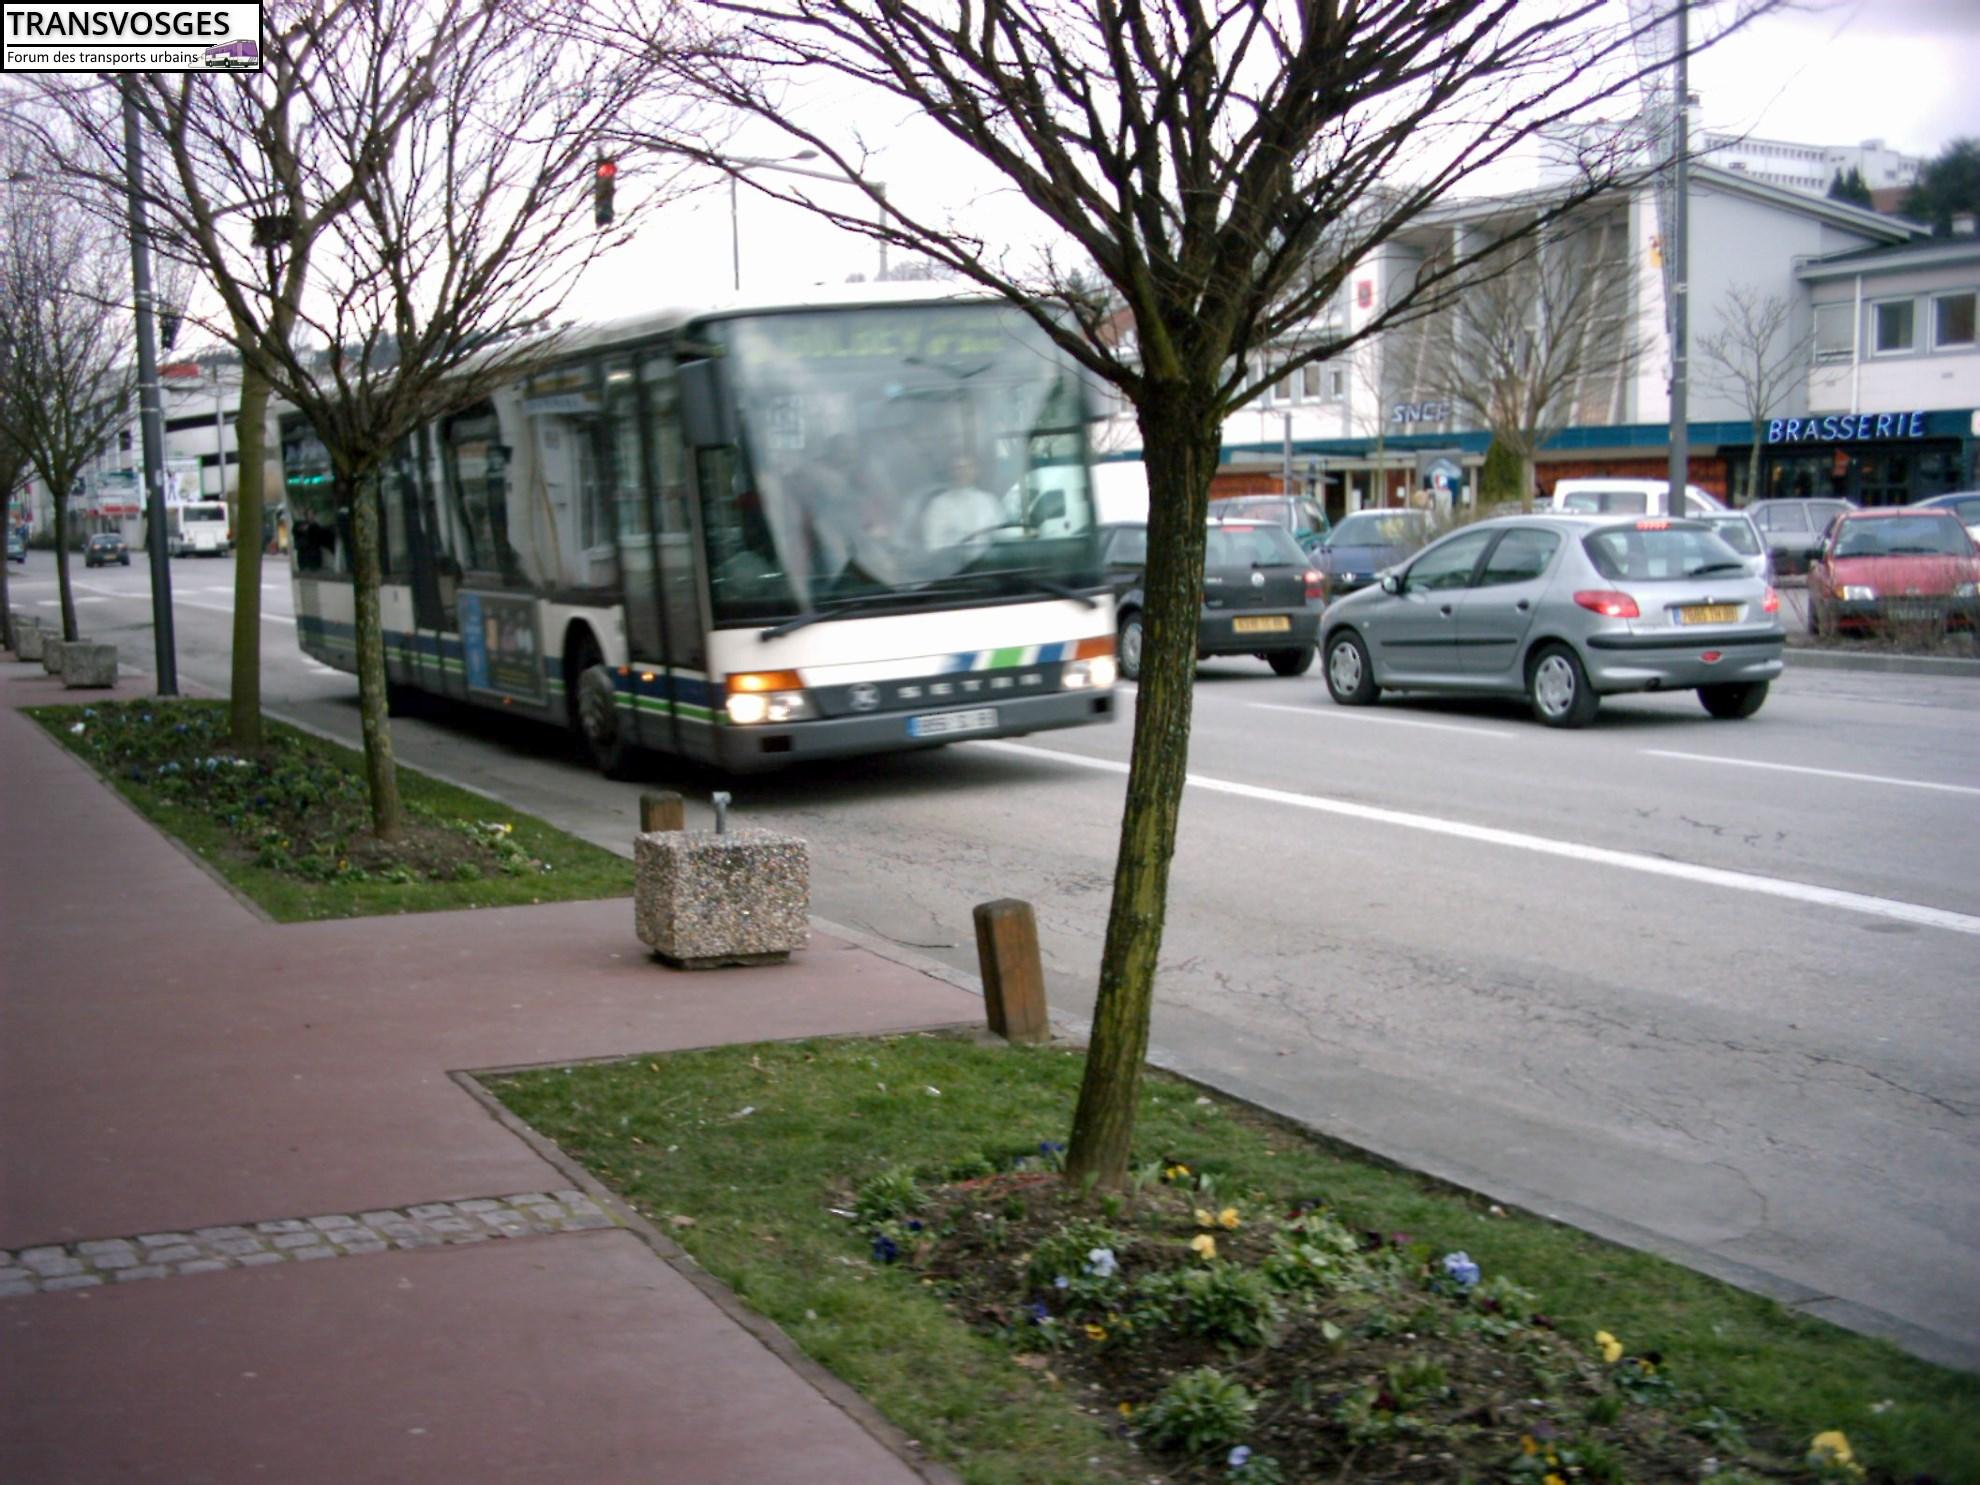 Setra S 315 NF n° 858 8